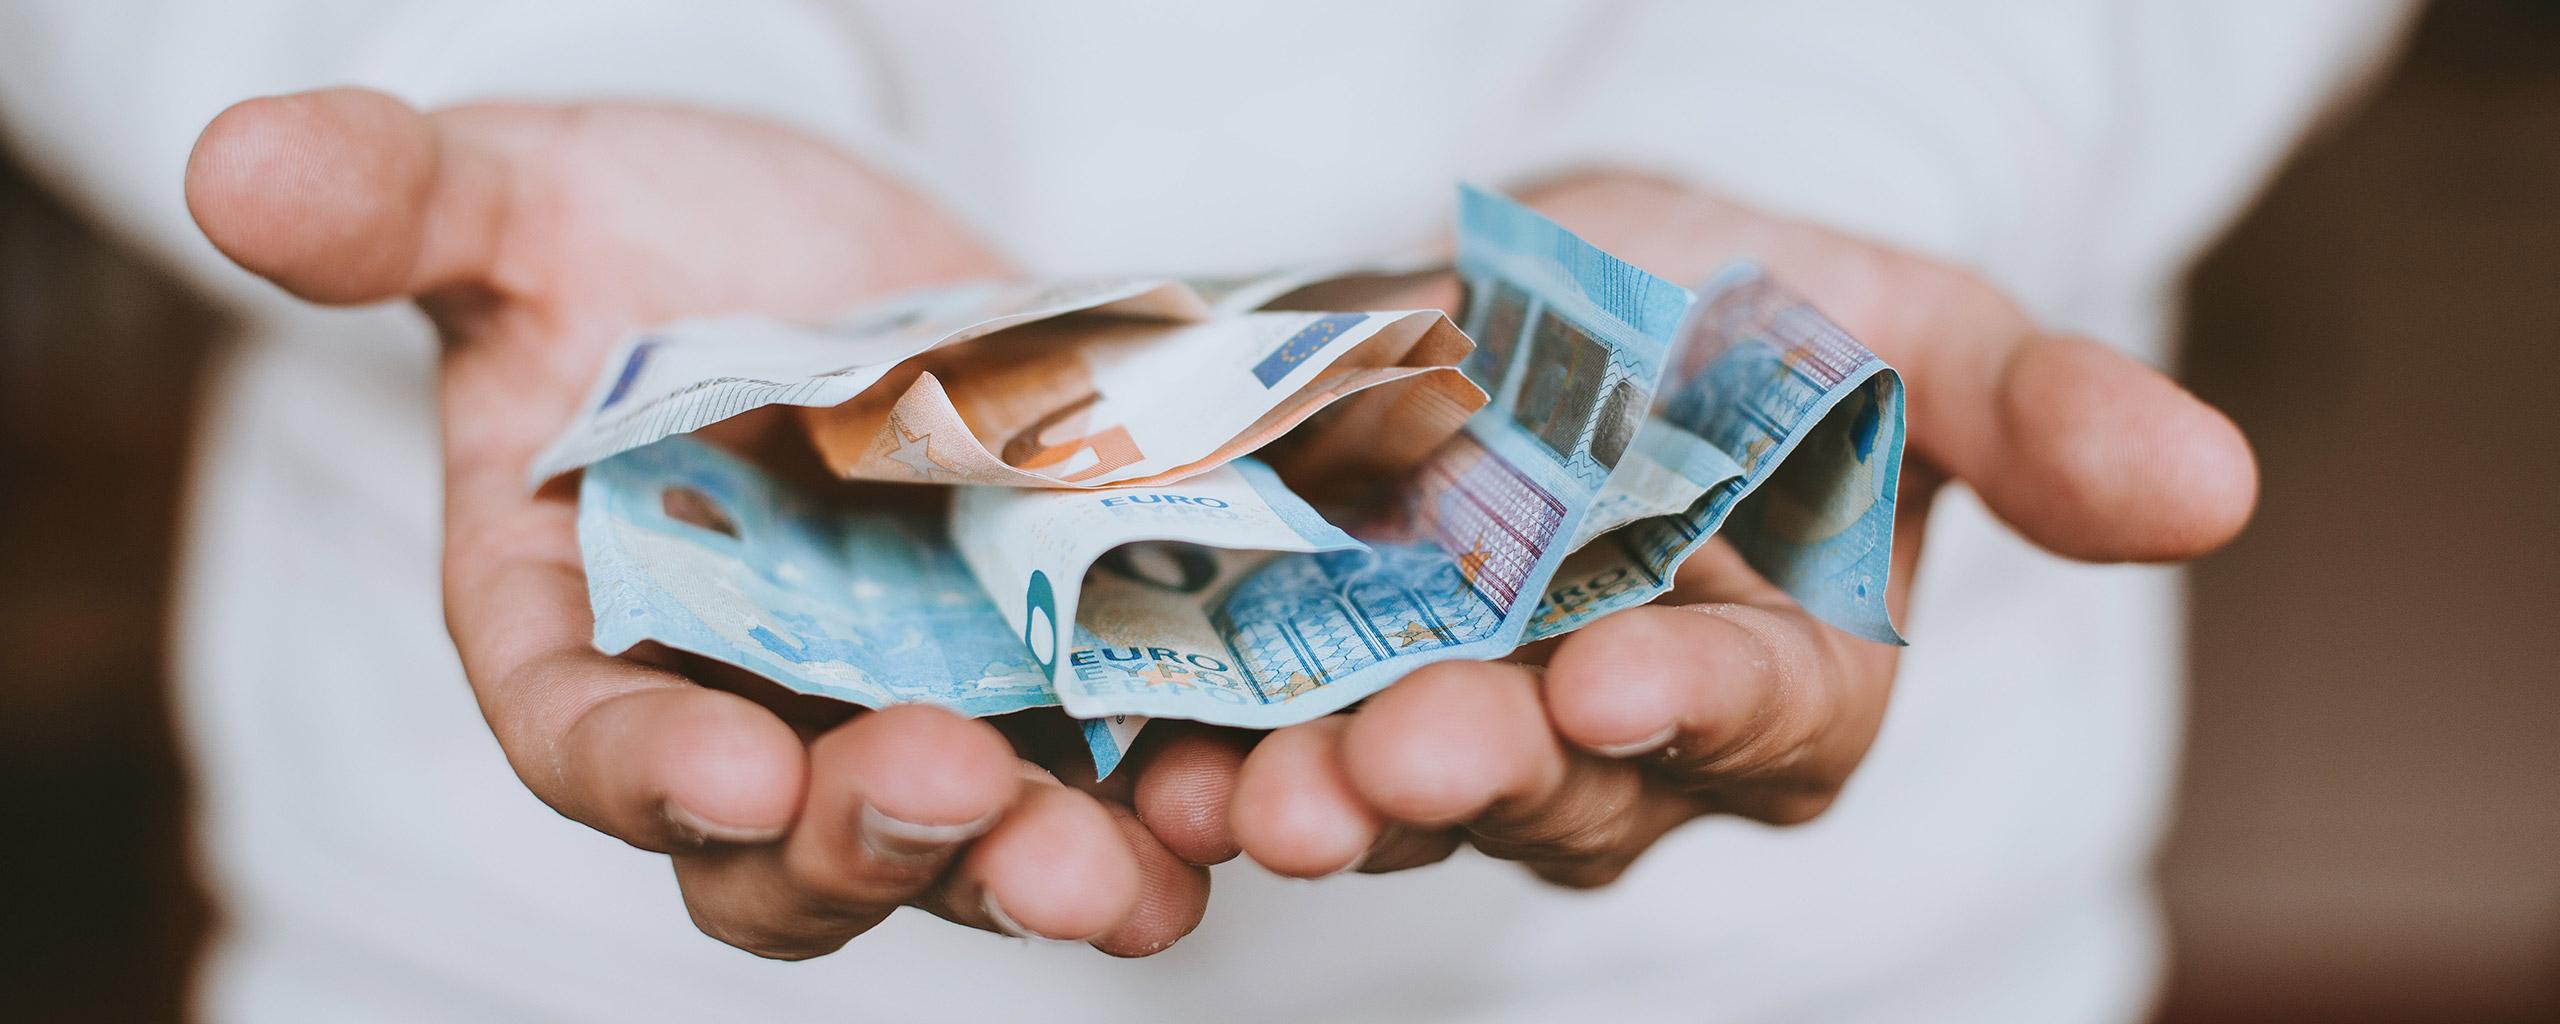 Sie wollen Ihr Wunschgehalt? Dazu müssen Sie zuerst in eine Gehaltsverhandlung treten, um letzten Endes auch mit einem zufriedenstellenden Gehalt entlohnt zu werden.